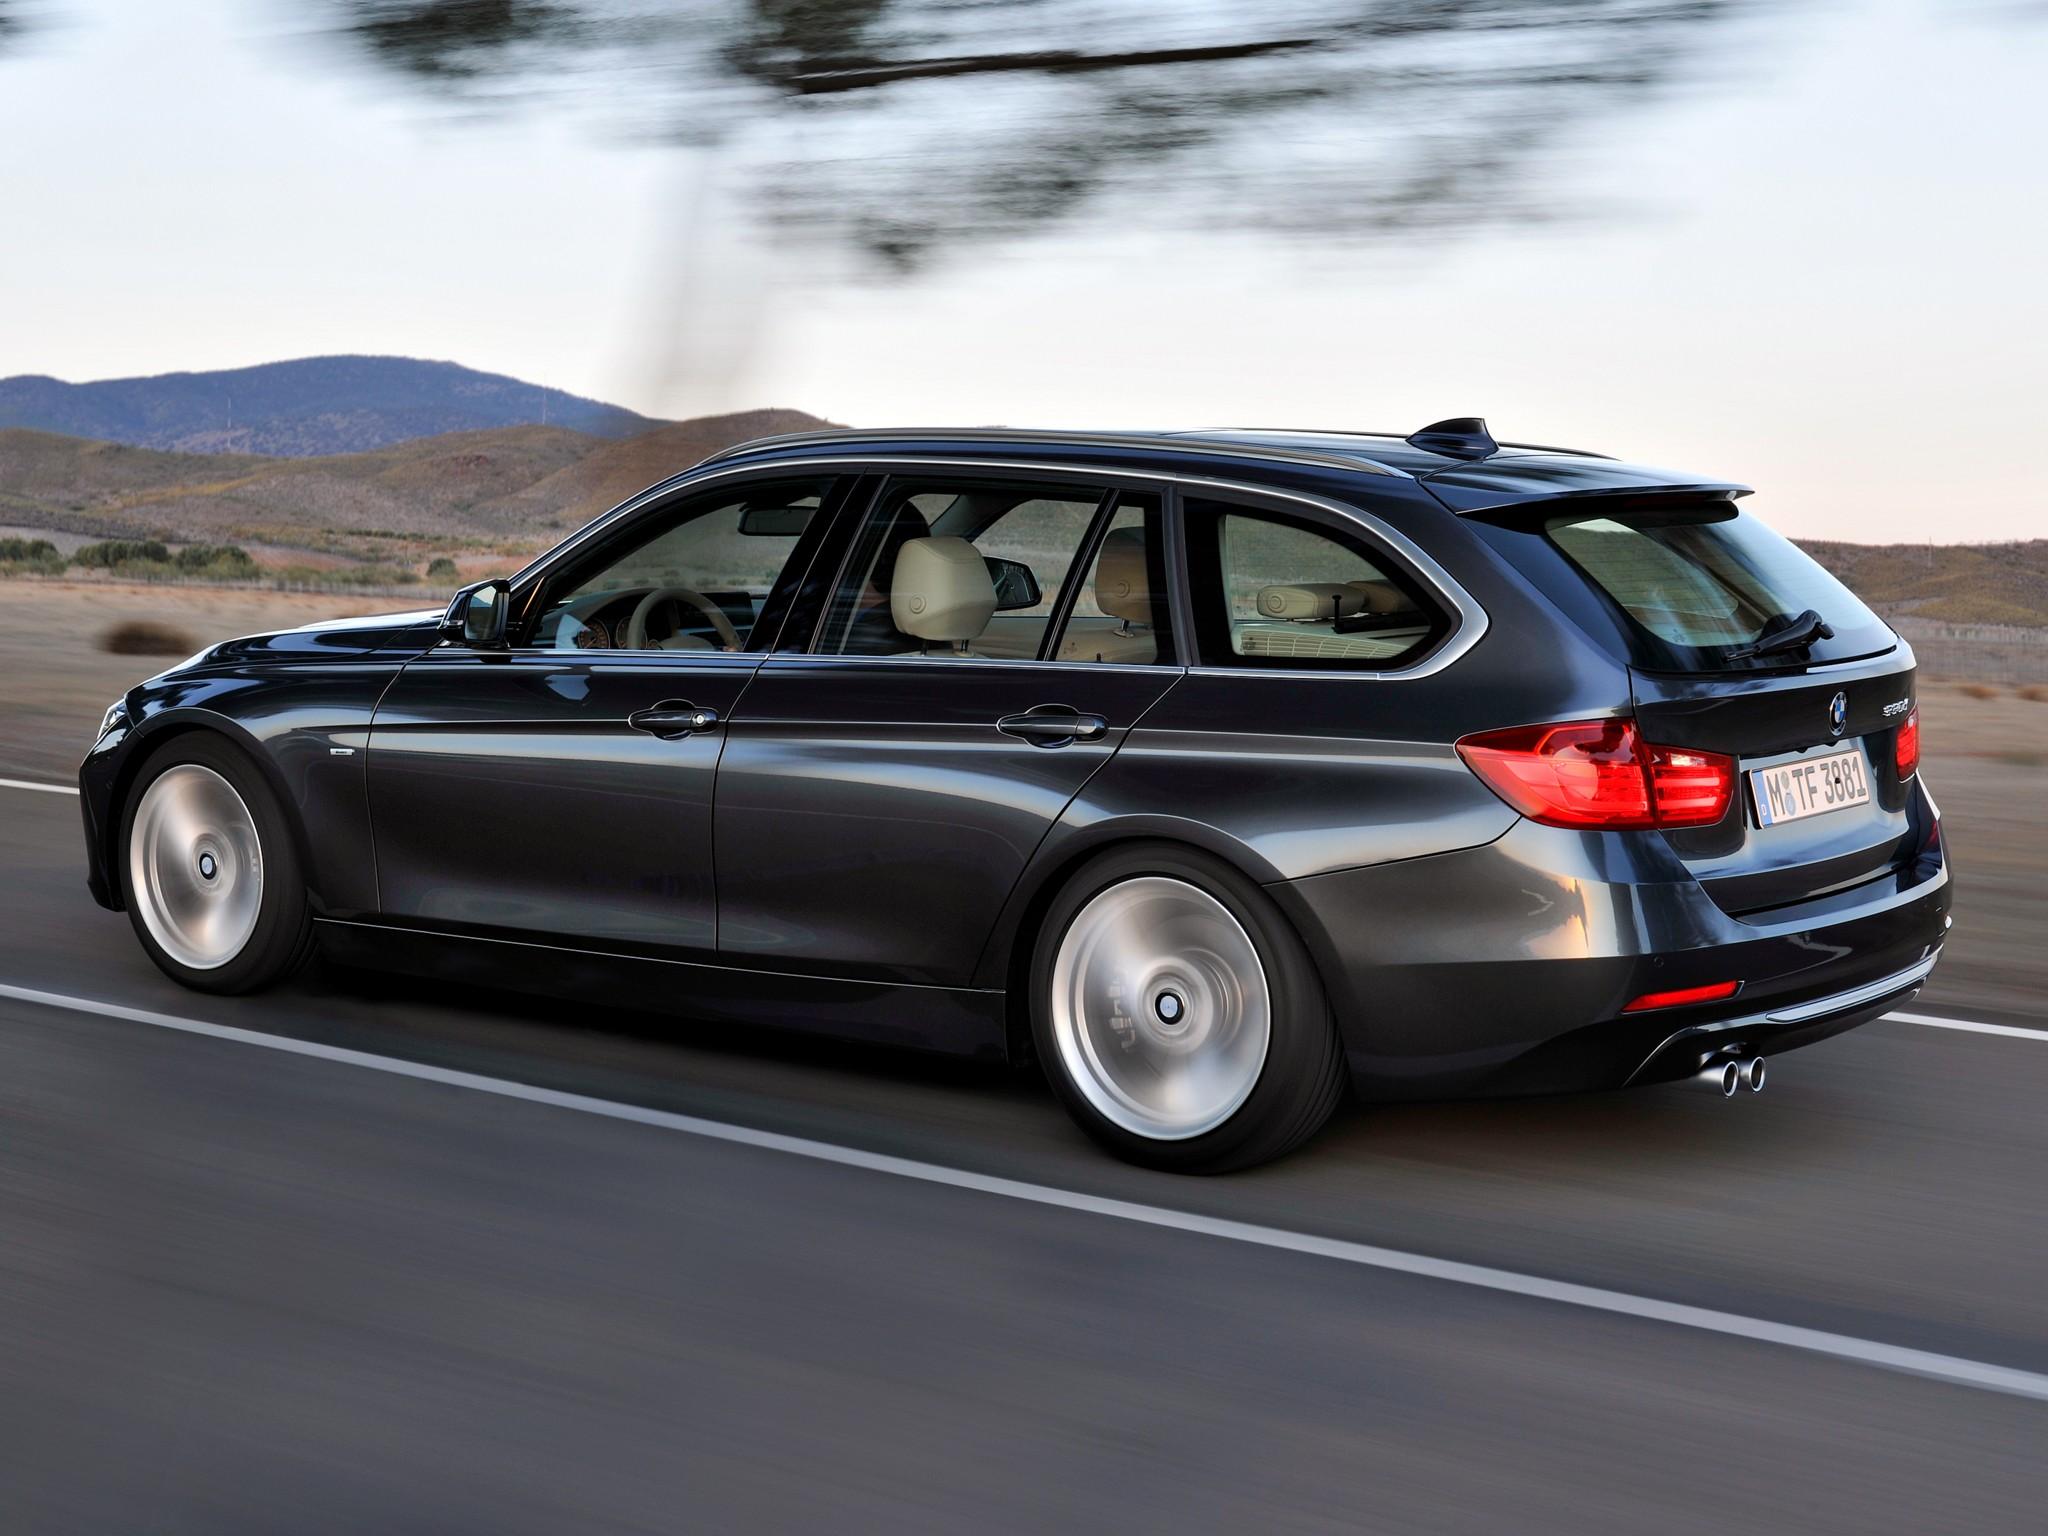 Bmw G20 Touring >> BMW 3 Series Touring (F31) specs & photos - 2012, 2013, 2014, 2015, 2016 - autoevolution